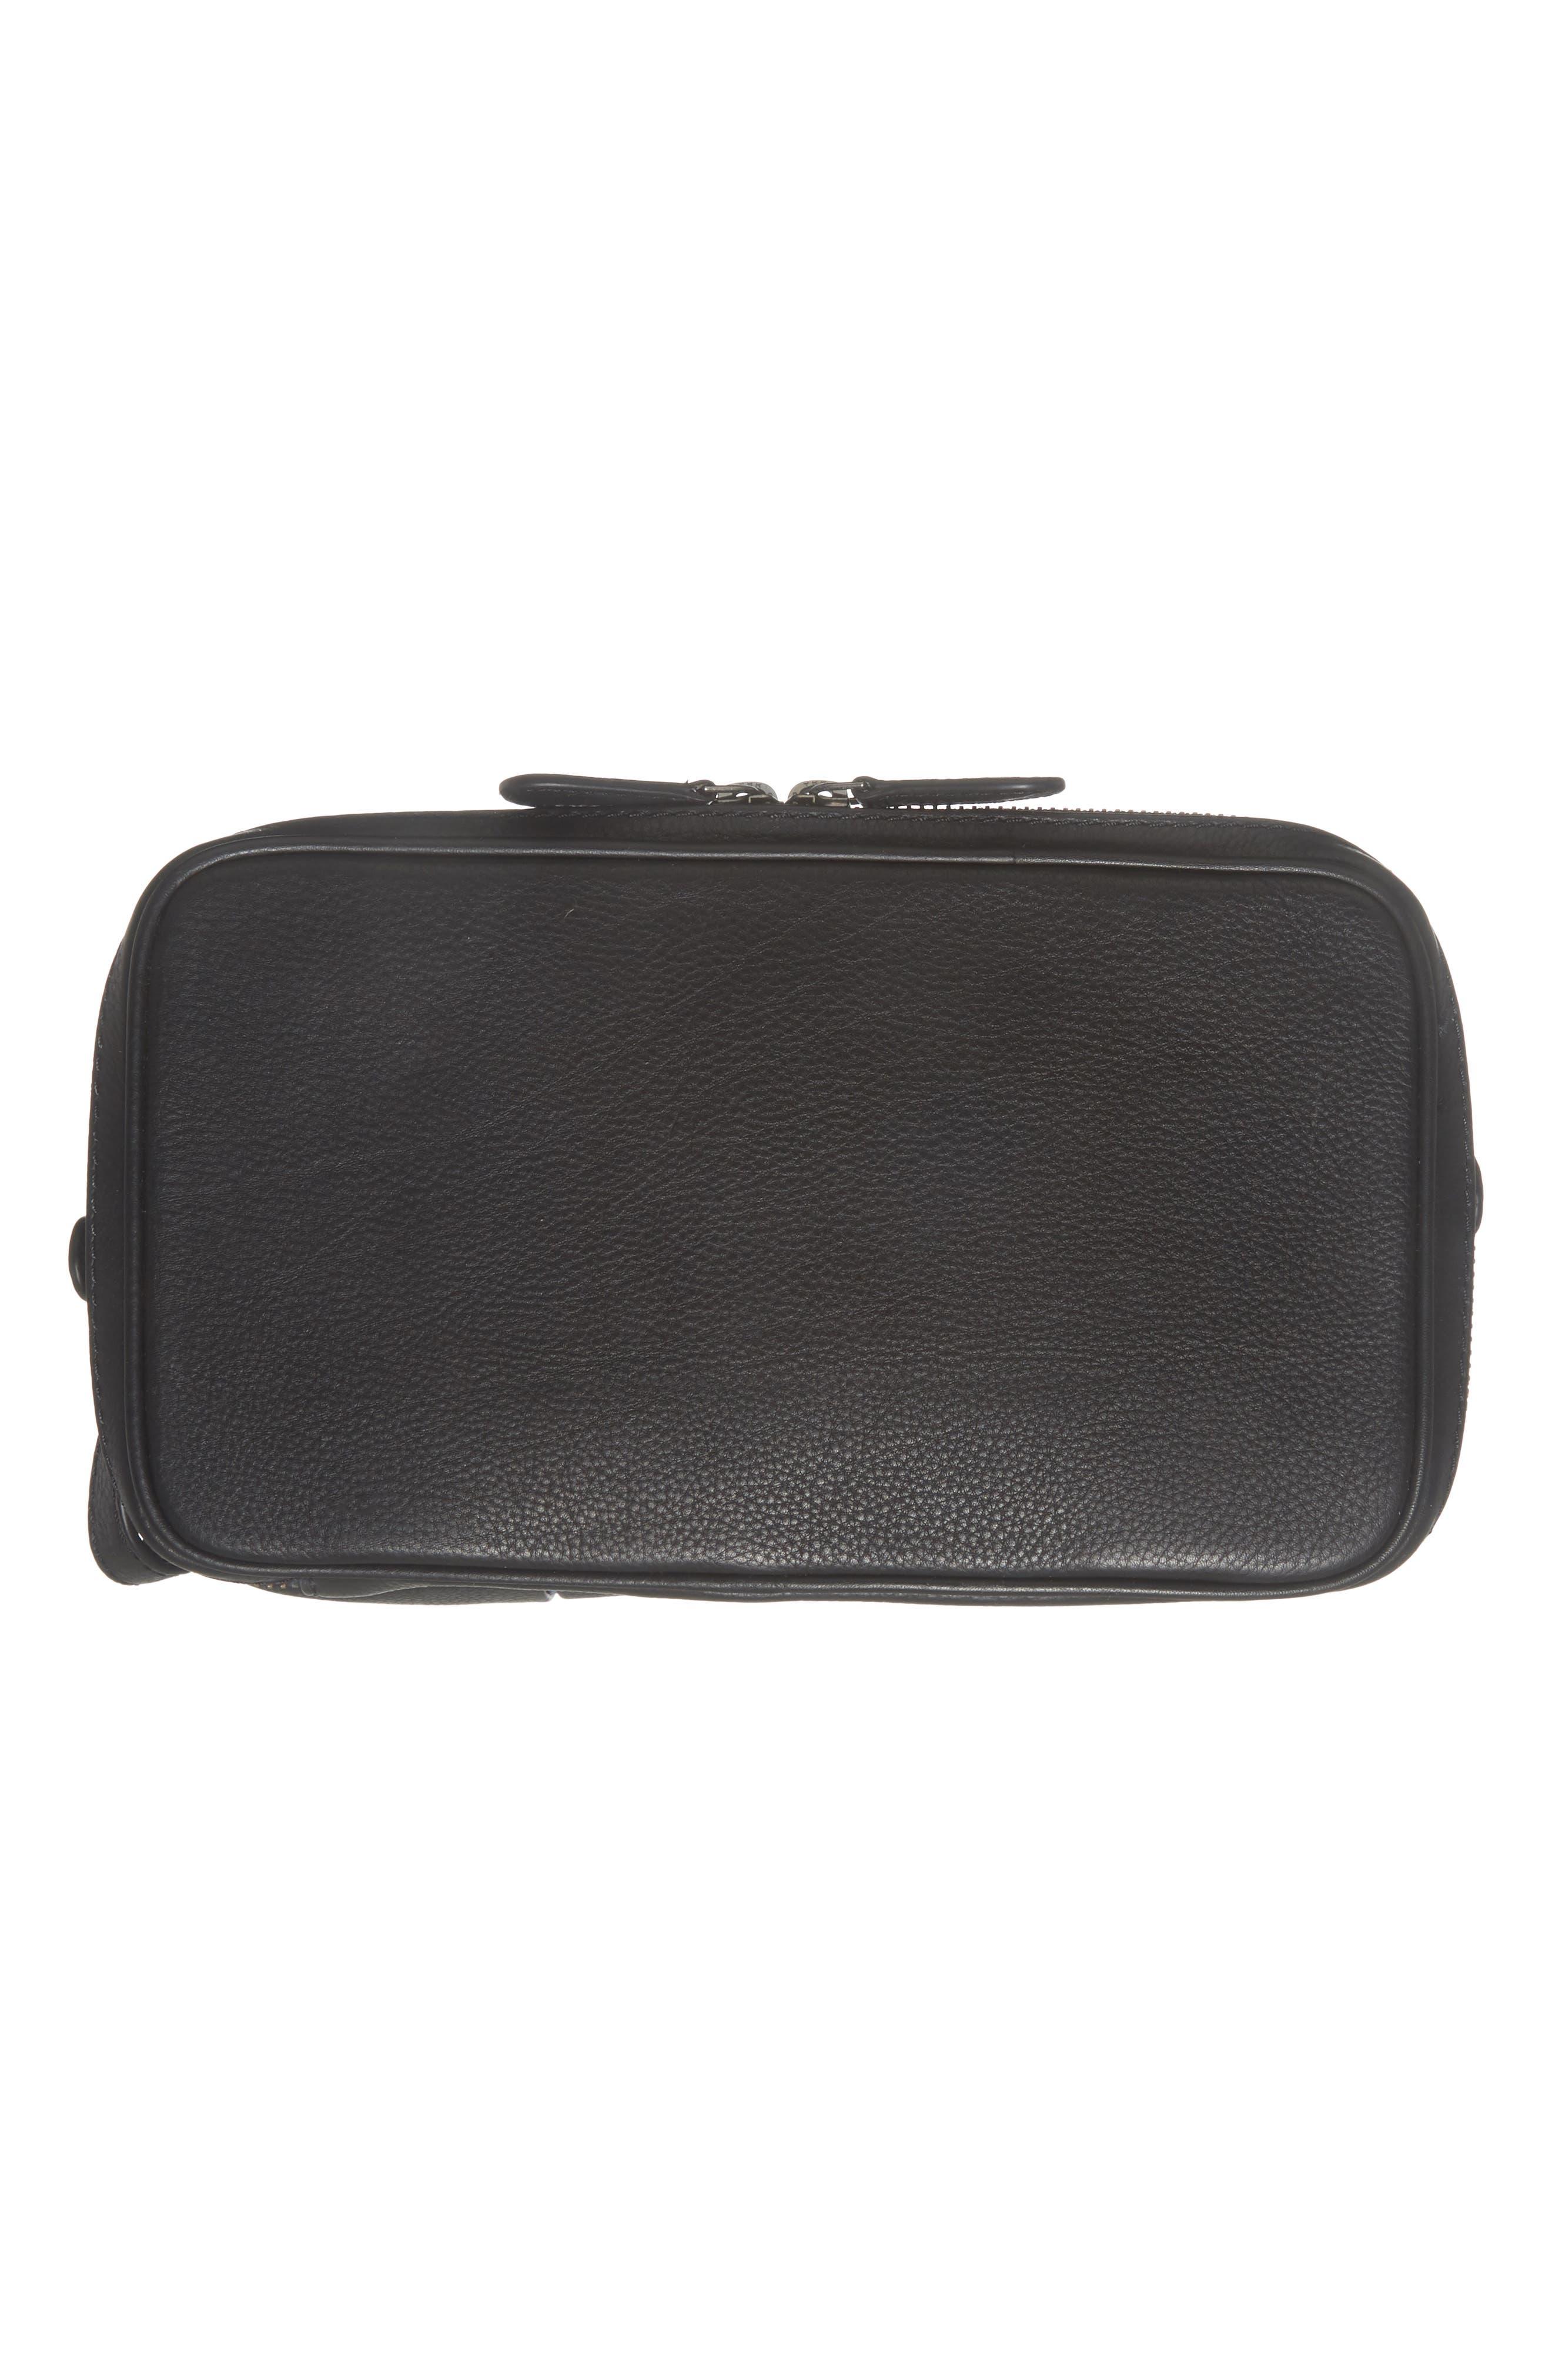 Teekee Leather Dopp Kit,                             Alternate thumbnail 5, color,                             Black